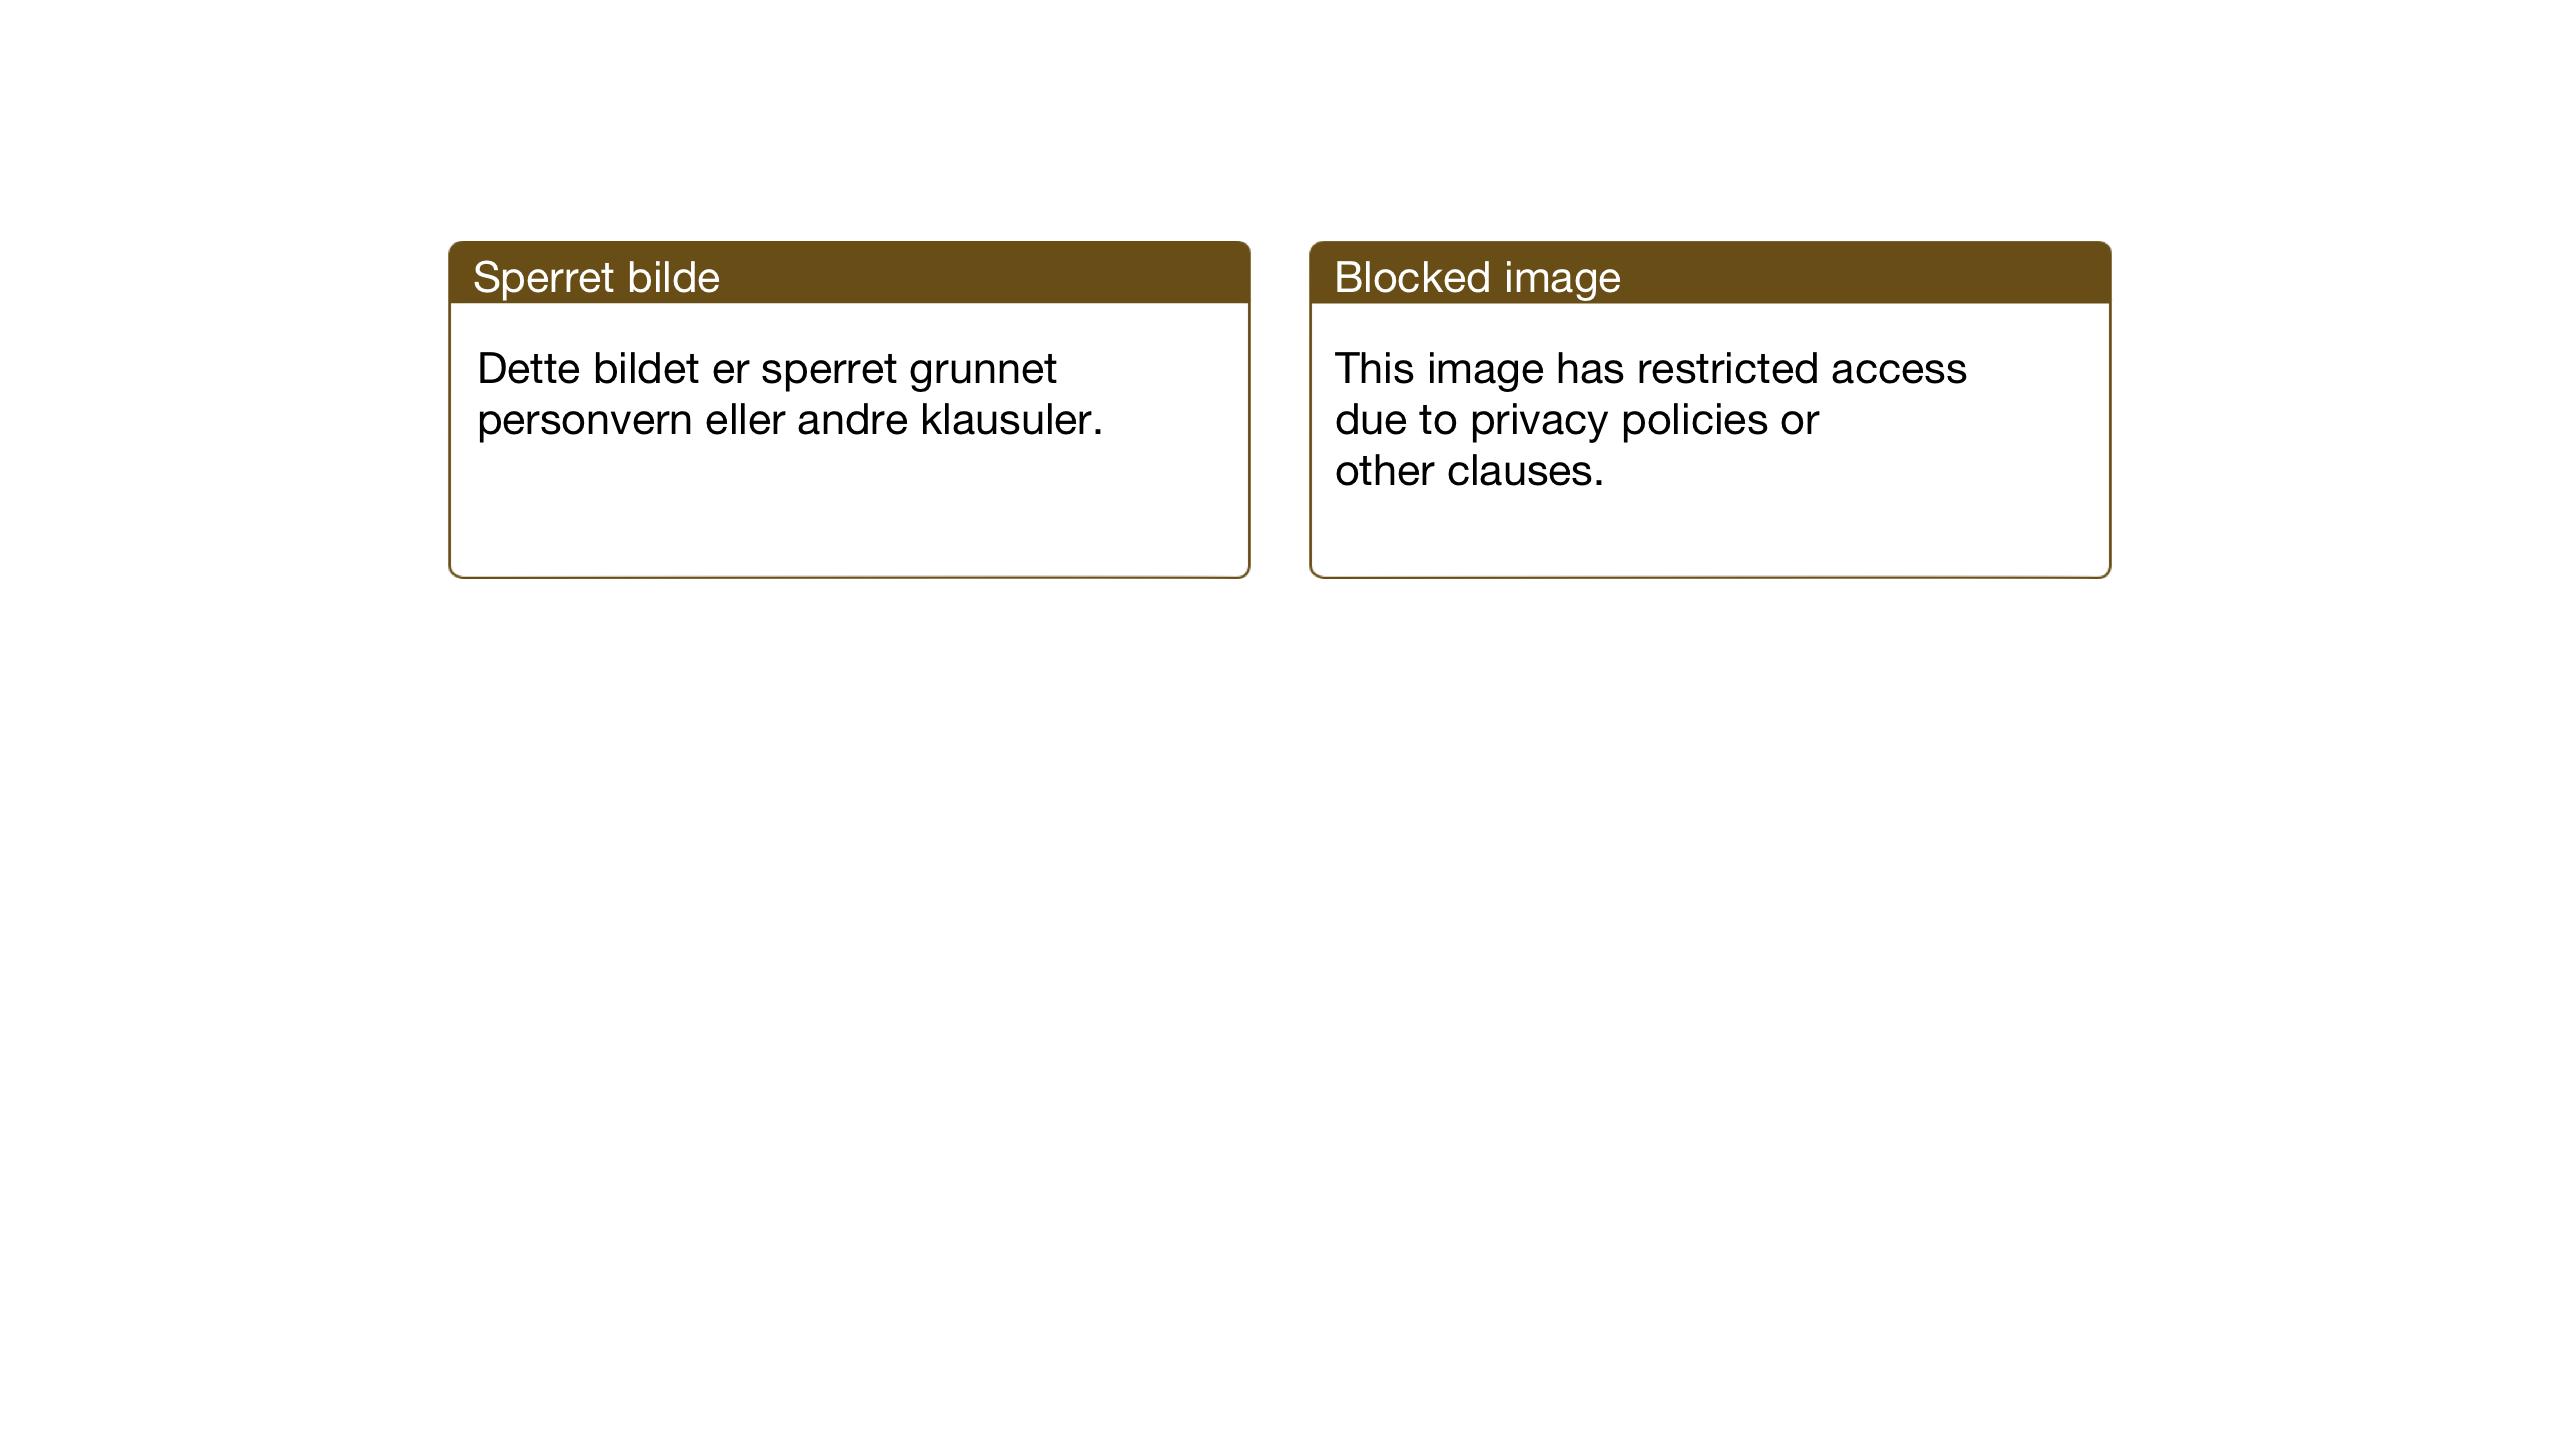 SAT, Ministerialprotokoller, klokkerbøker og fødselsregistre - Nord-Trøndelag, 733/L0328: Klokkerbok nr. 733C03, 1919-1966, s. 42